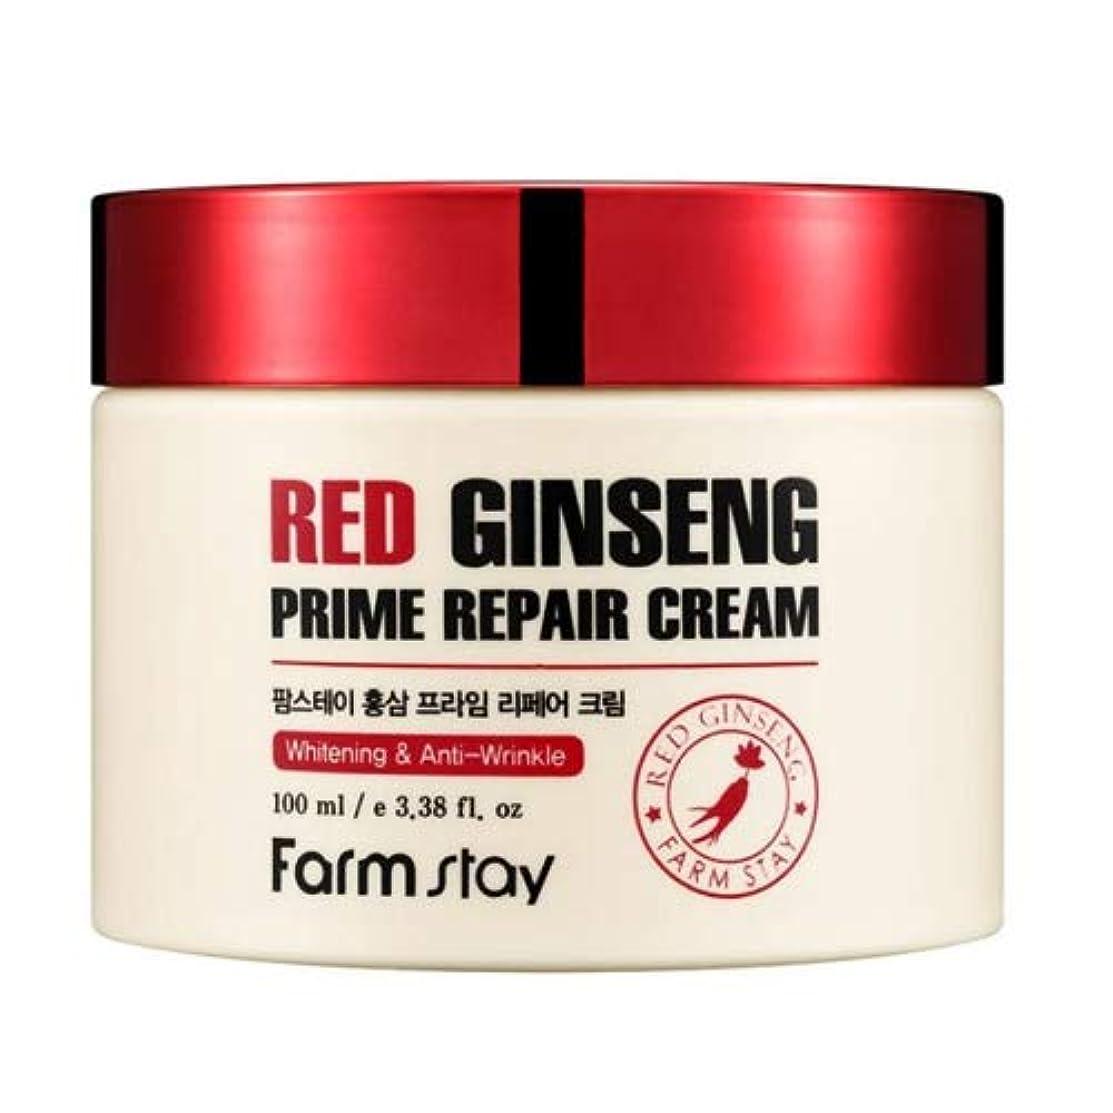 助けて後ろに君主制Farm stay Red Ginseng Prime Repair Cream 紅参プライムリペアクリーム100ml[並行輸入品]